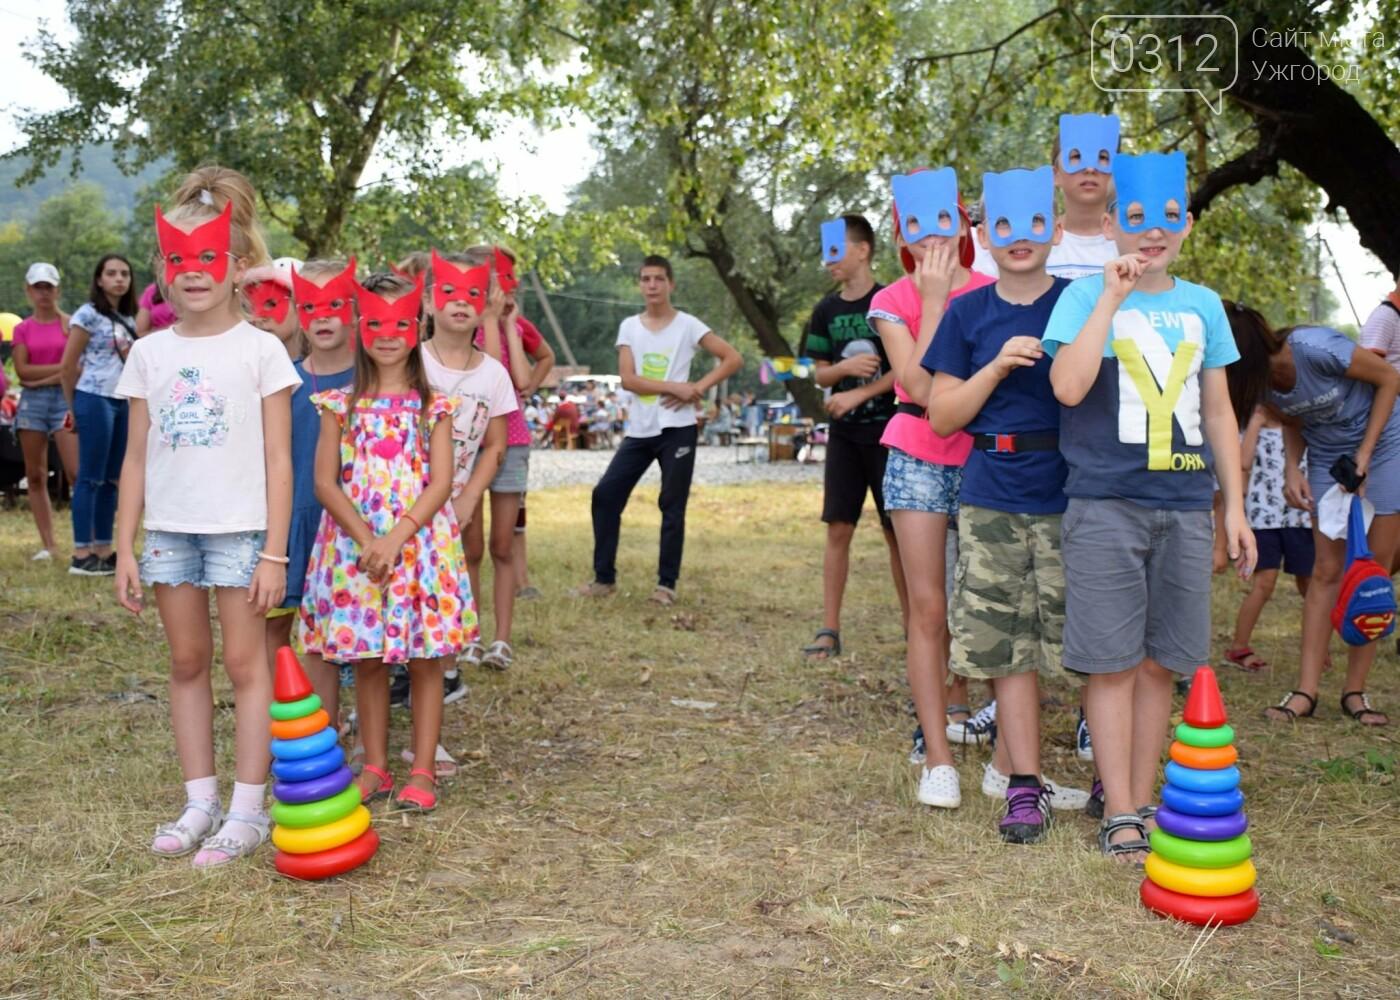 «Kam Tour» на Ужгородщині: рекорди по кількості дітей і майстер-класів на квадратний метр (ФОТОРЕПОРТАЖ), фото-8